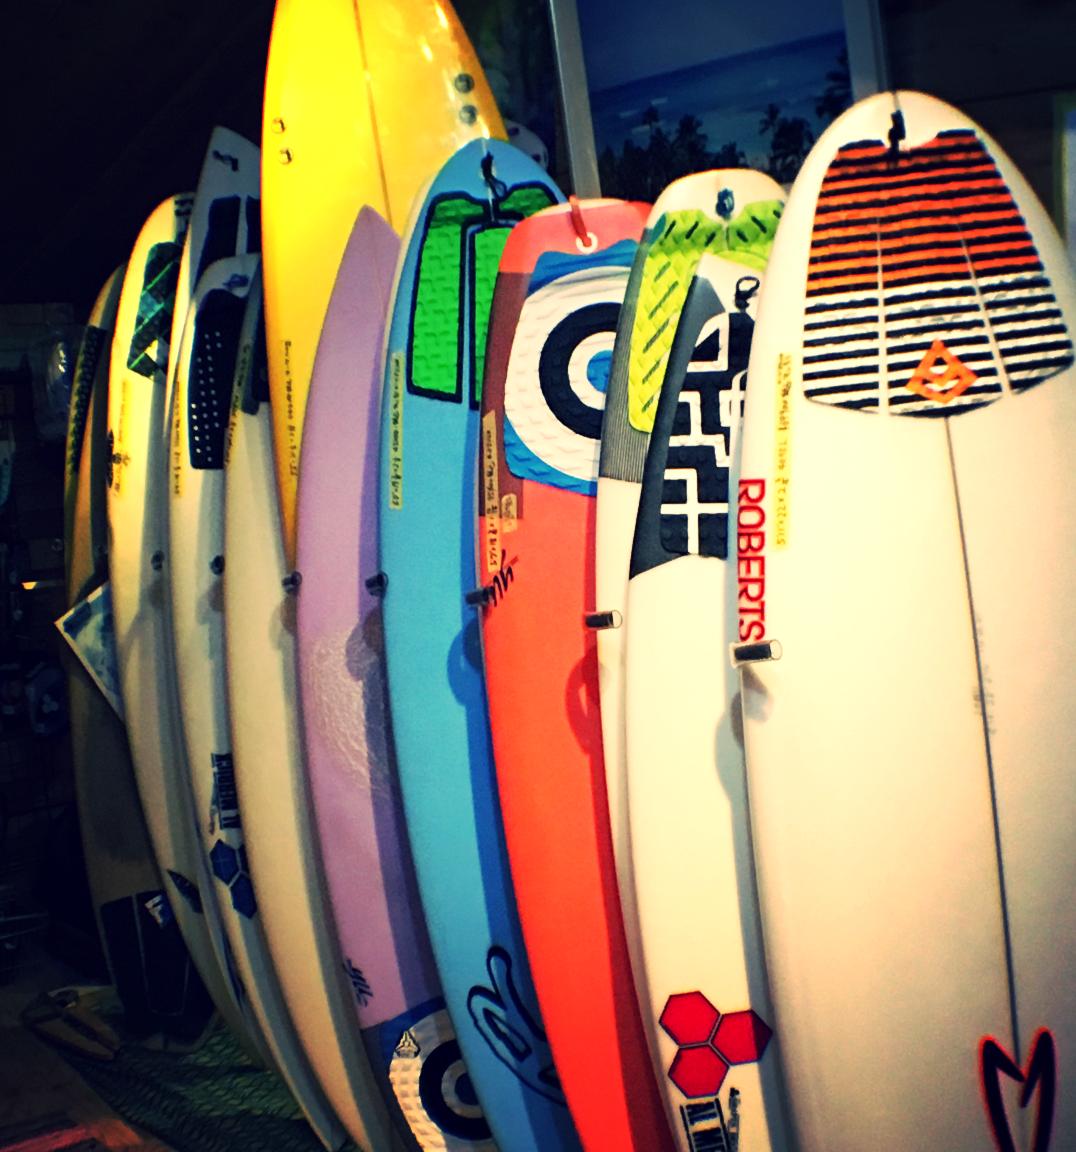 Used surfbosrd